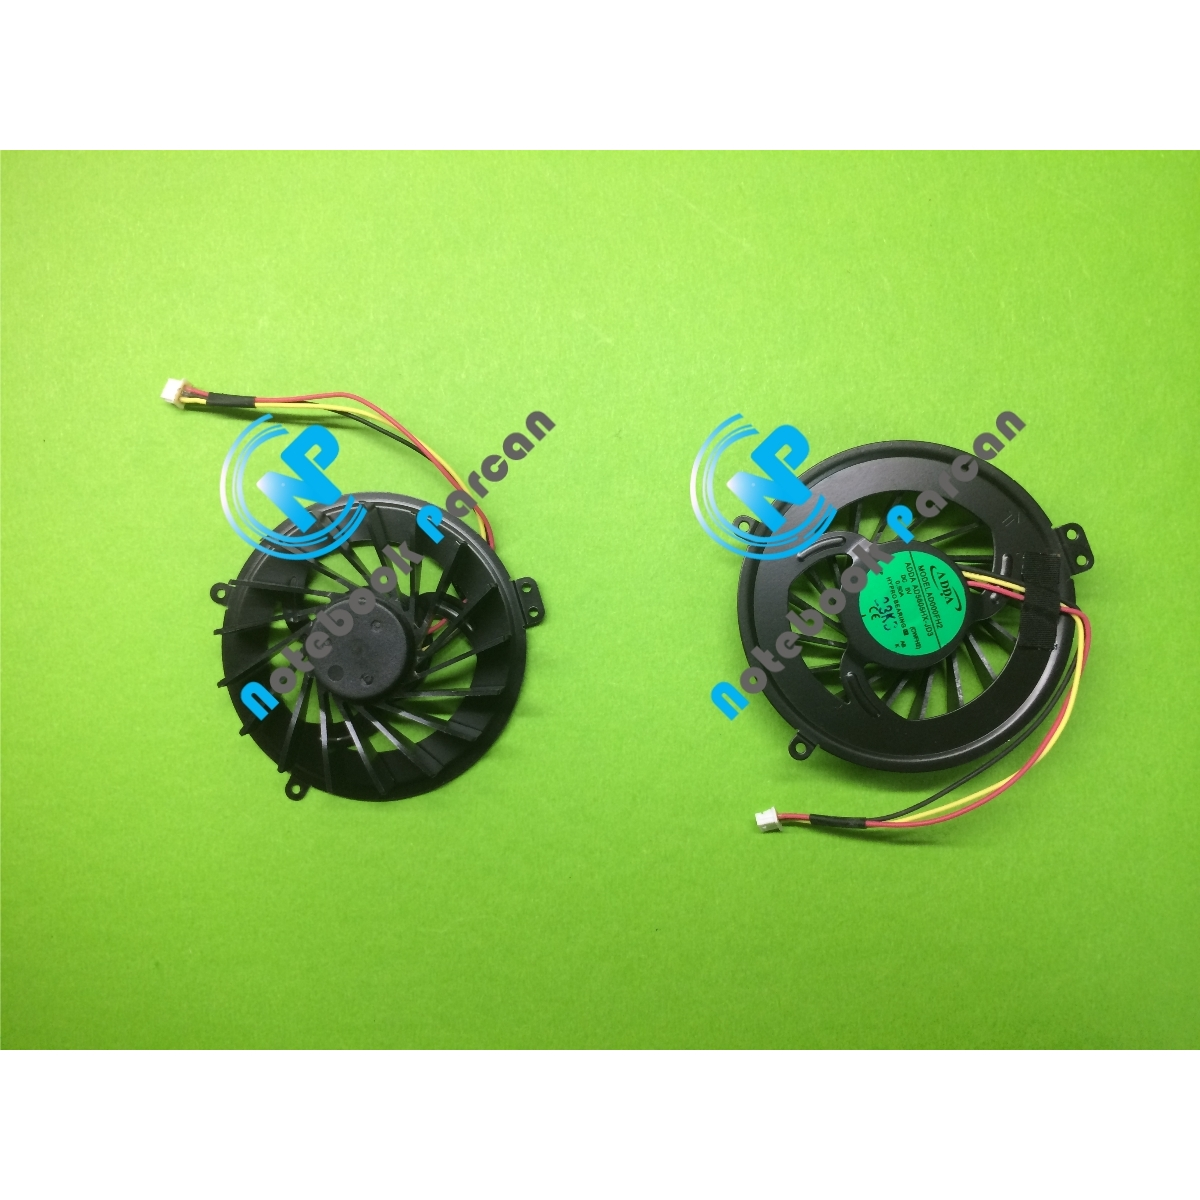 Fujitsu Siemens A530 Fan